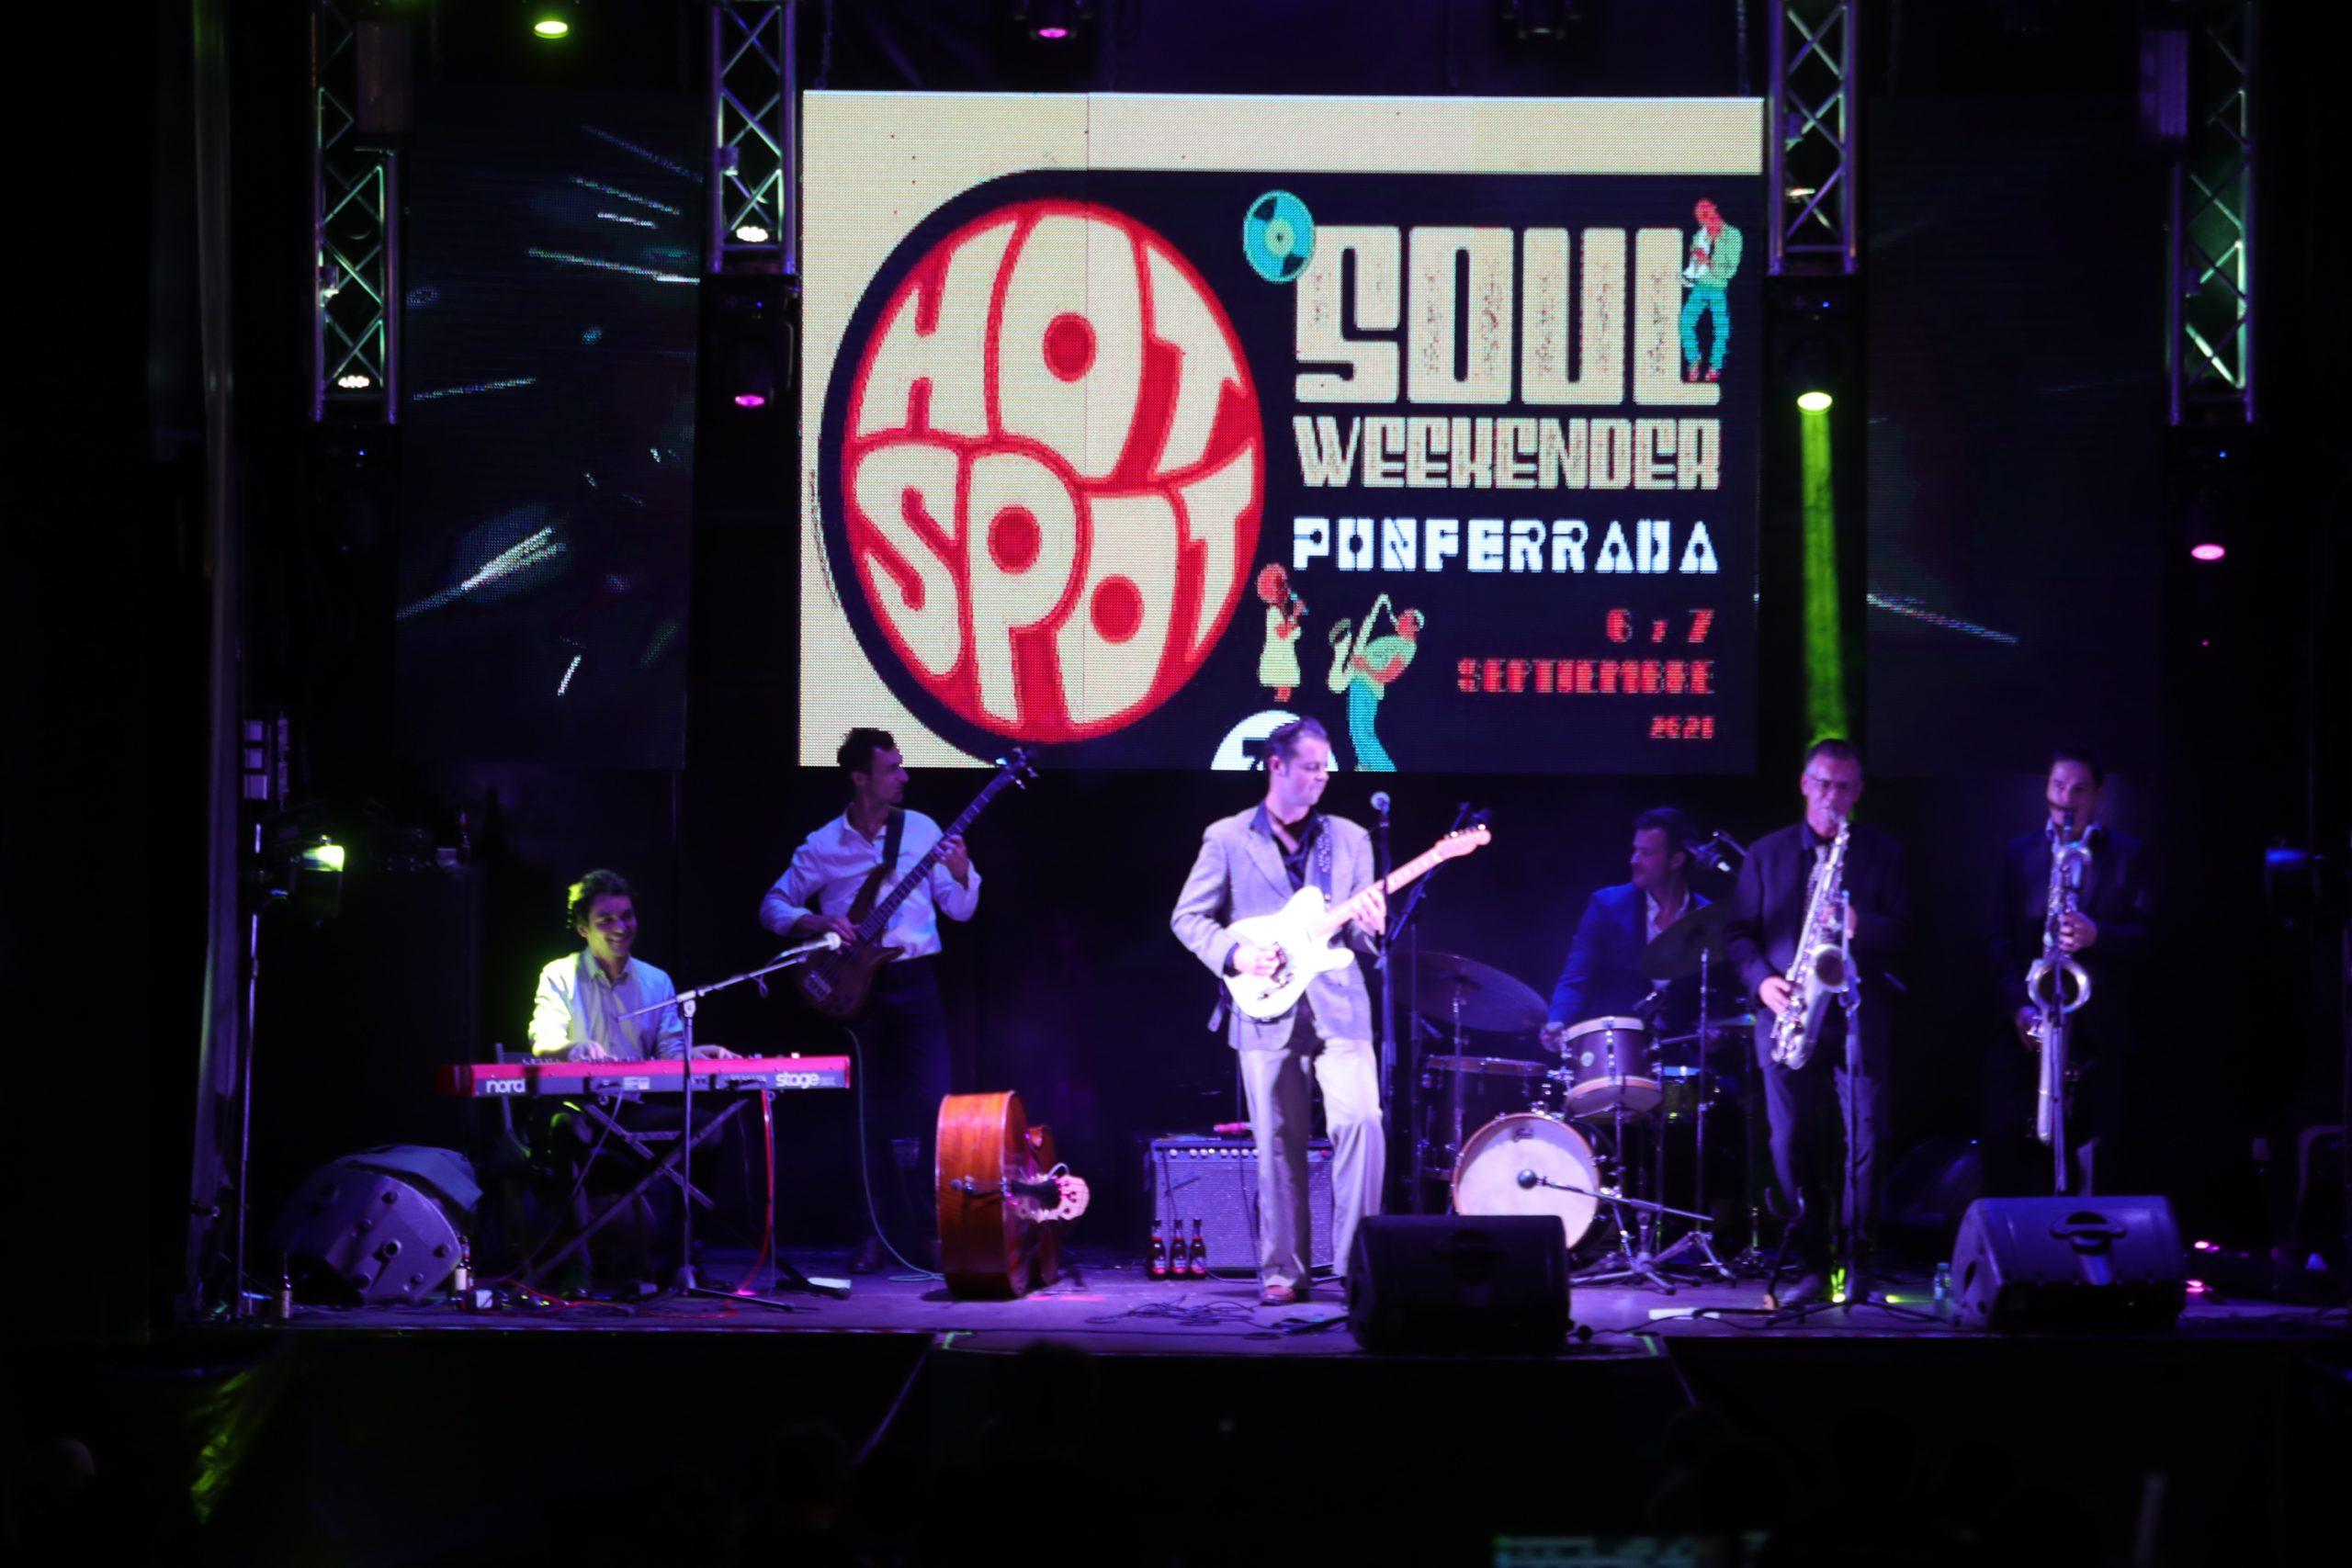 FOTOGALERÍA   Así transcurrió Hot Spot Soul Weekender en su edición más íntima 10